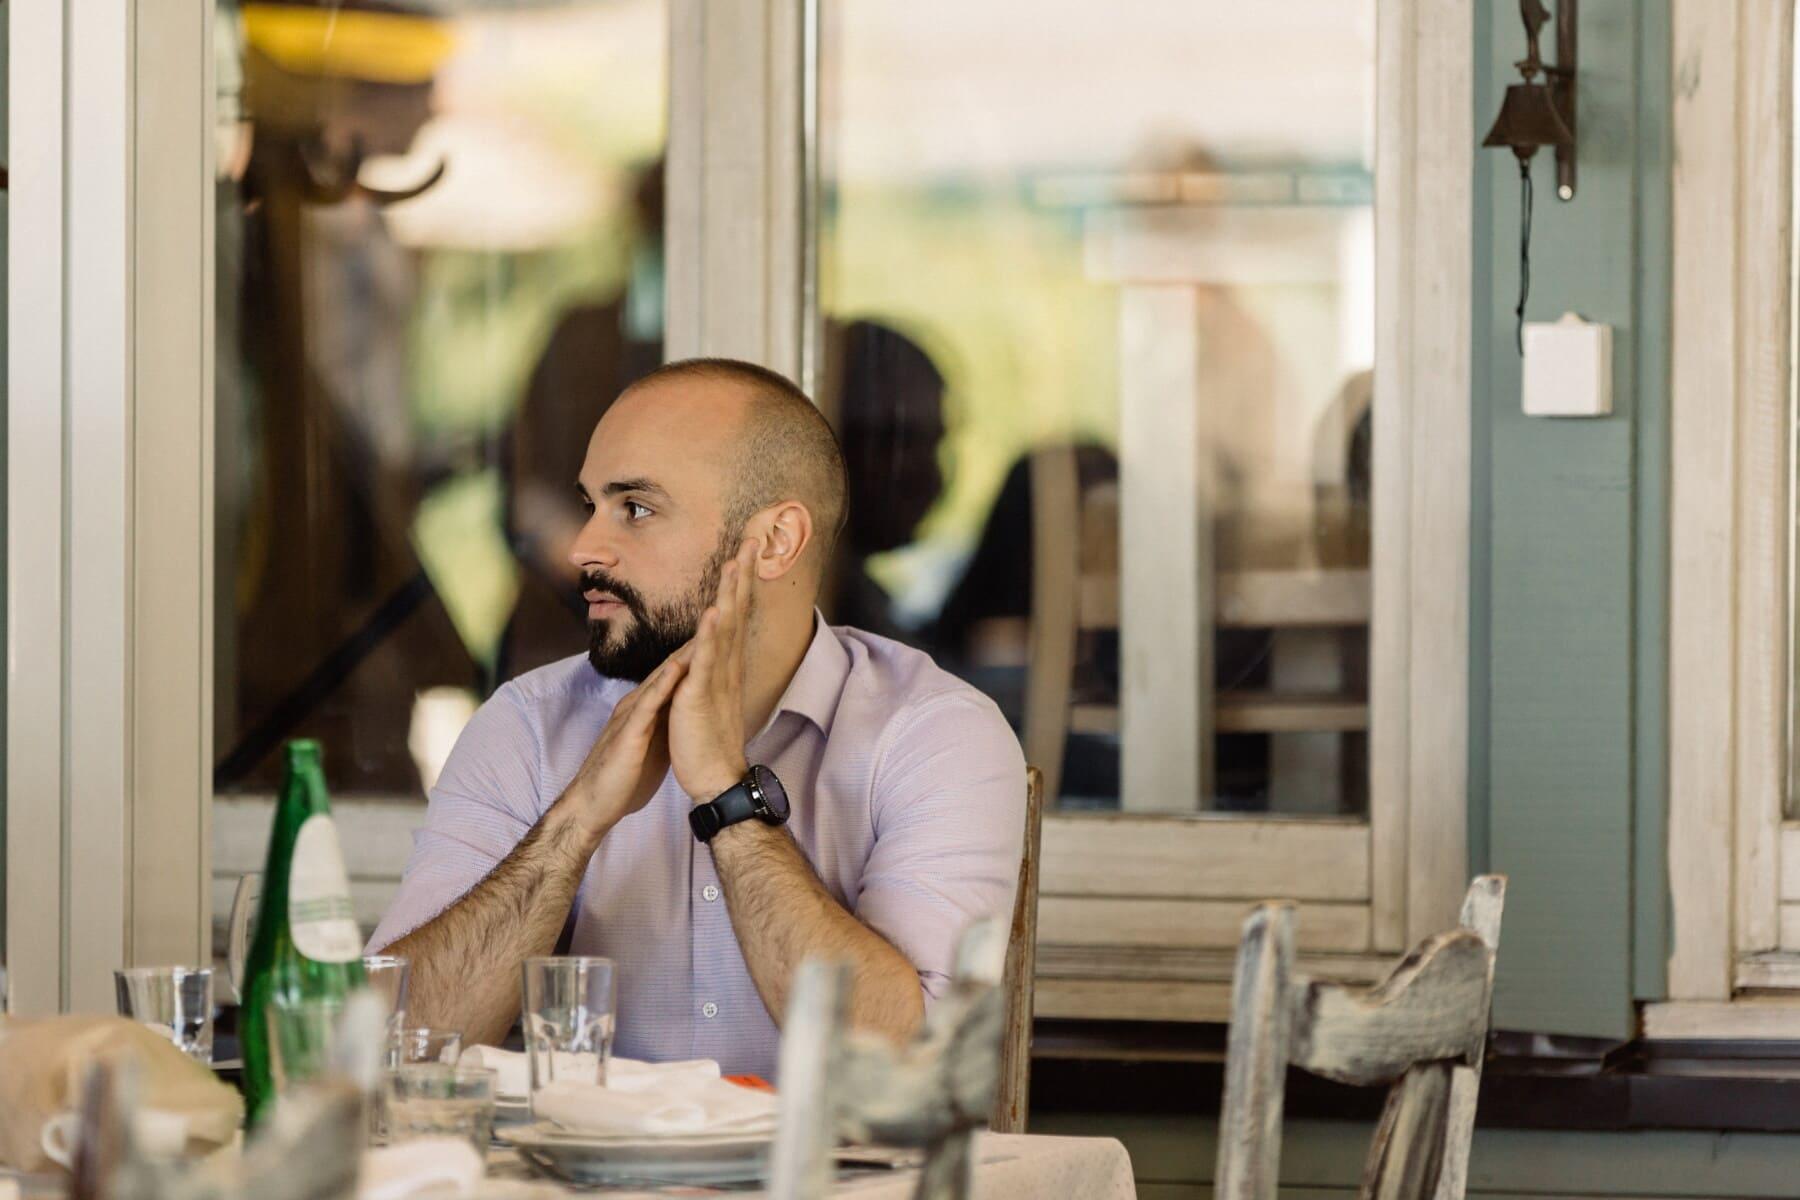 Schnurrbart, junge, Bart, Mann, Geschäftsmann, Entspannung, Restaurant, sitzen, Cafeteria, beiläufig